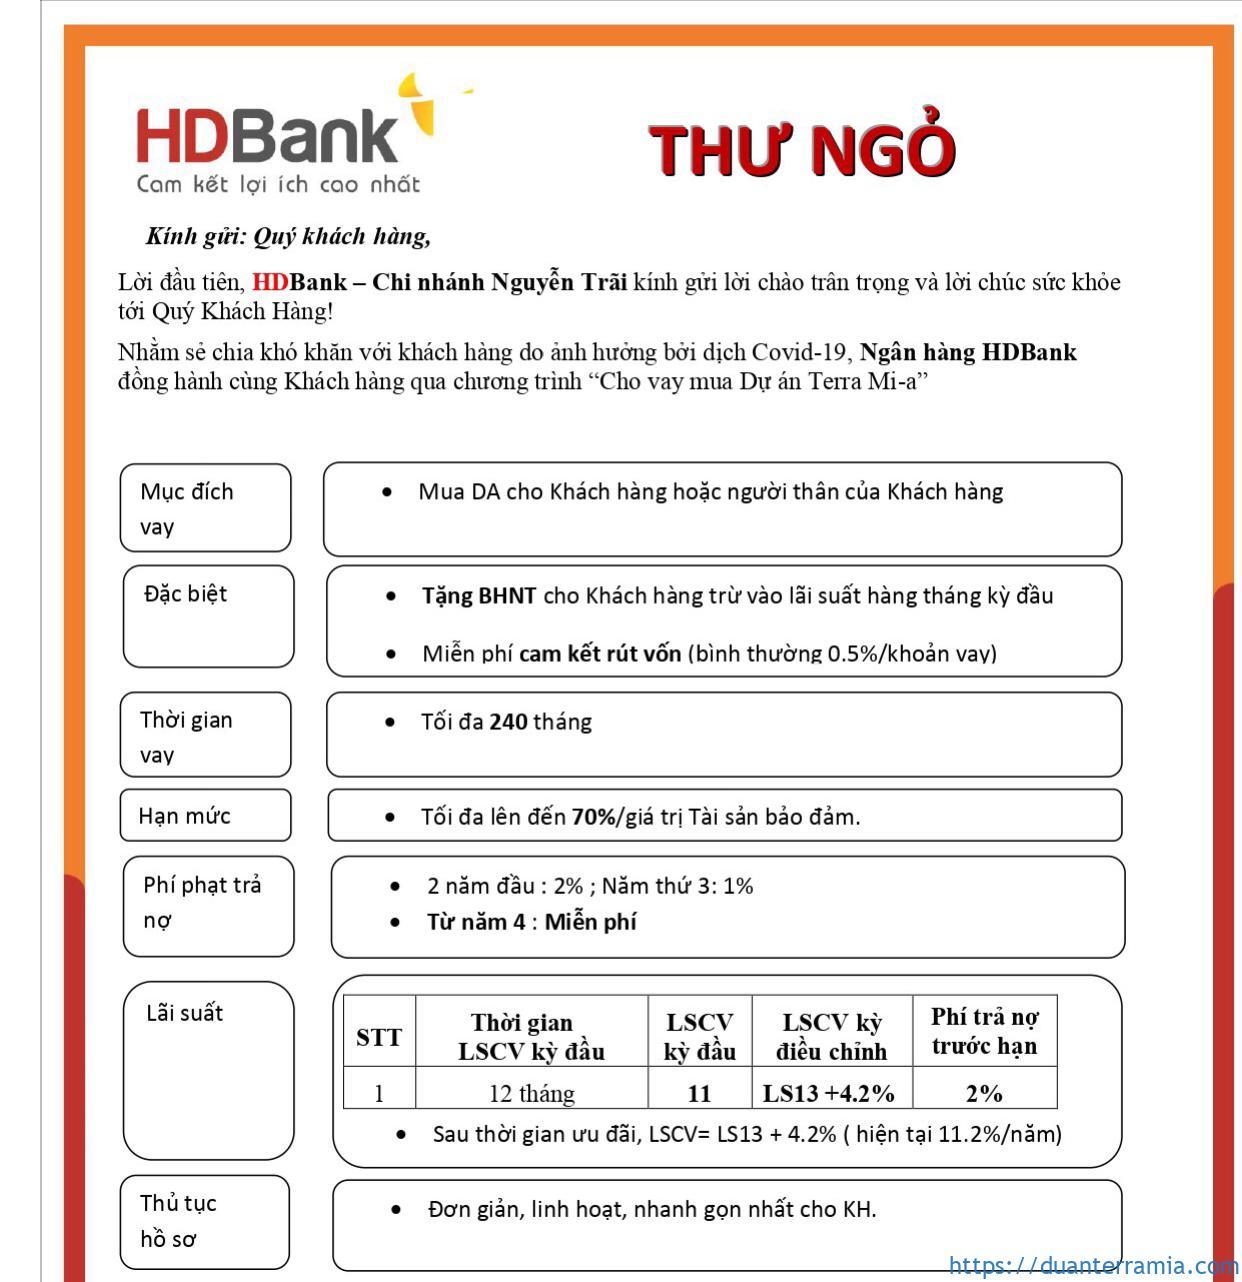 Chính sách vay Terra Mia HD Bank Tháng 11.2020